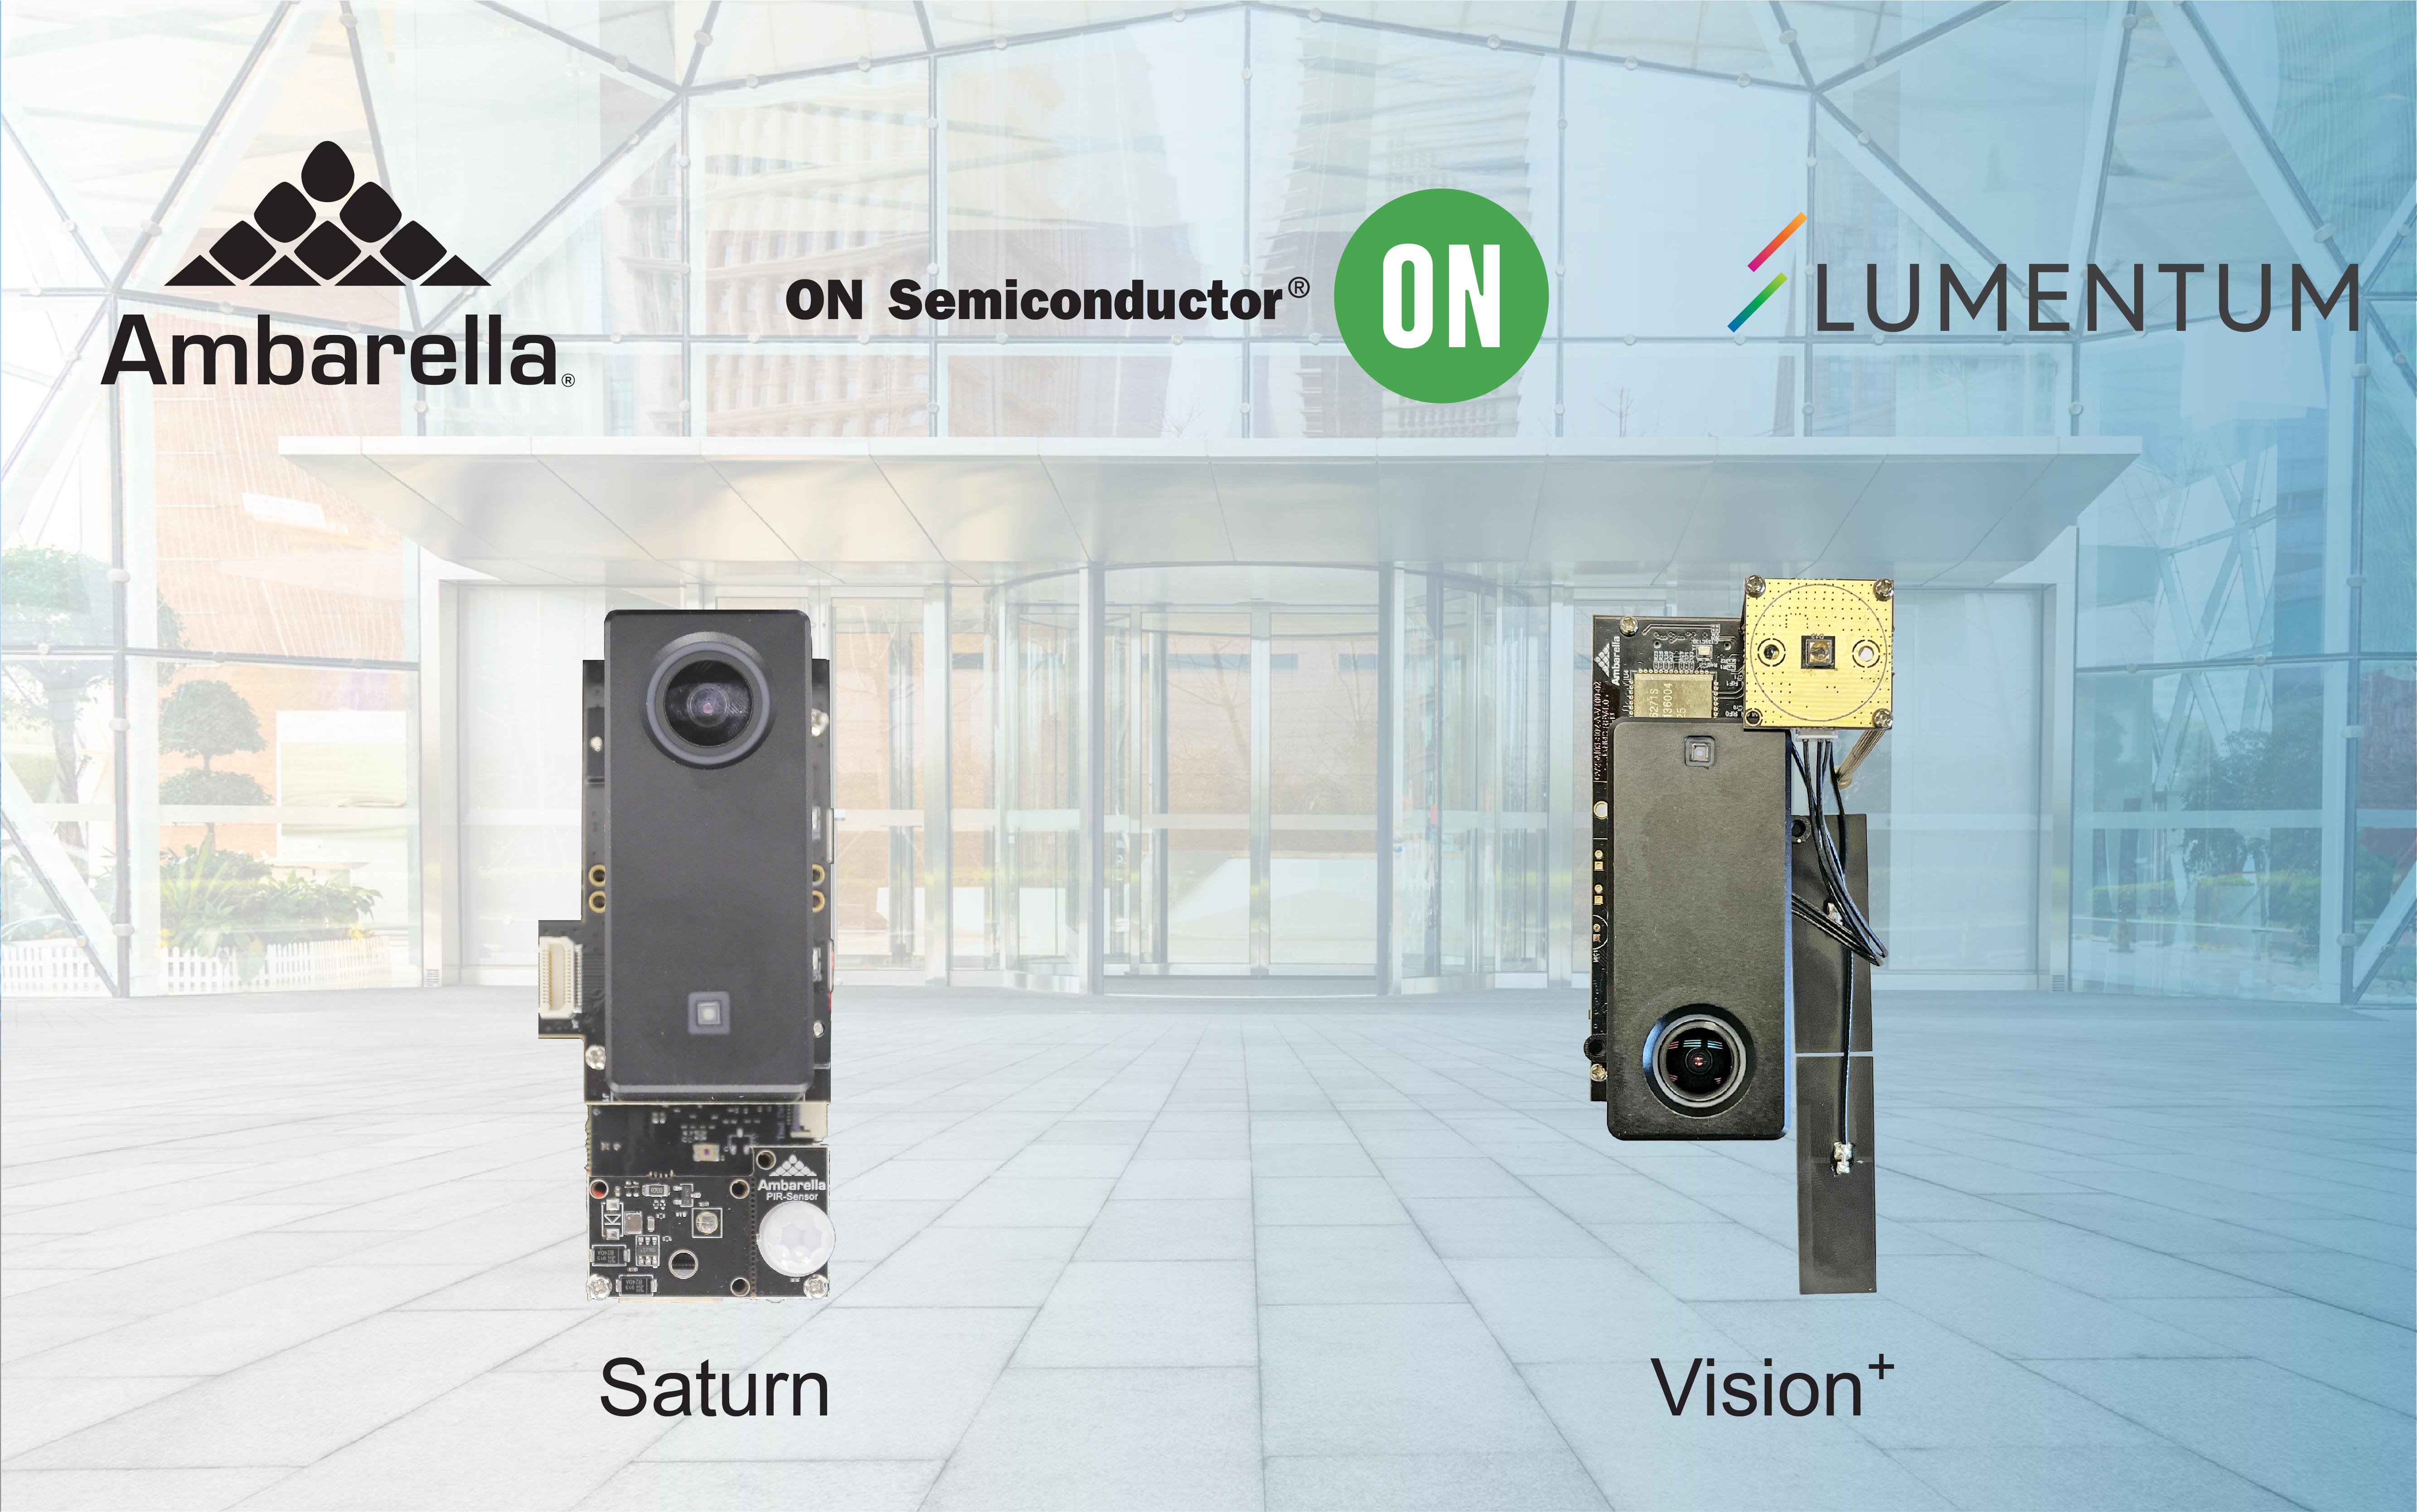 安霸、Lumentum和安森美半导体为下一代AIoT设备合作开发结合3D感知技术的AI处理方案